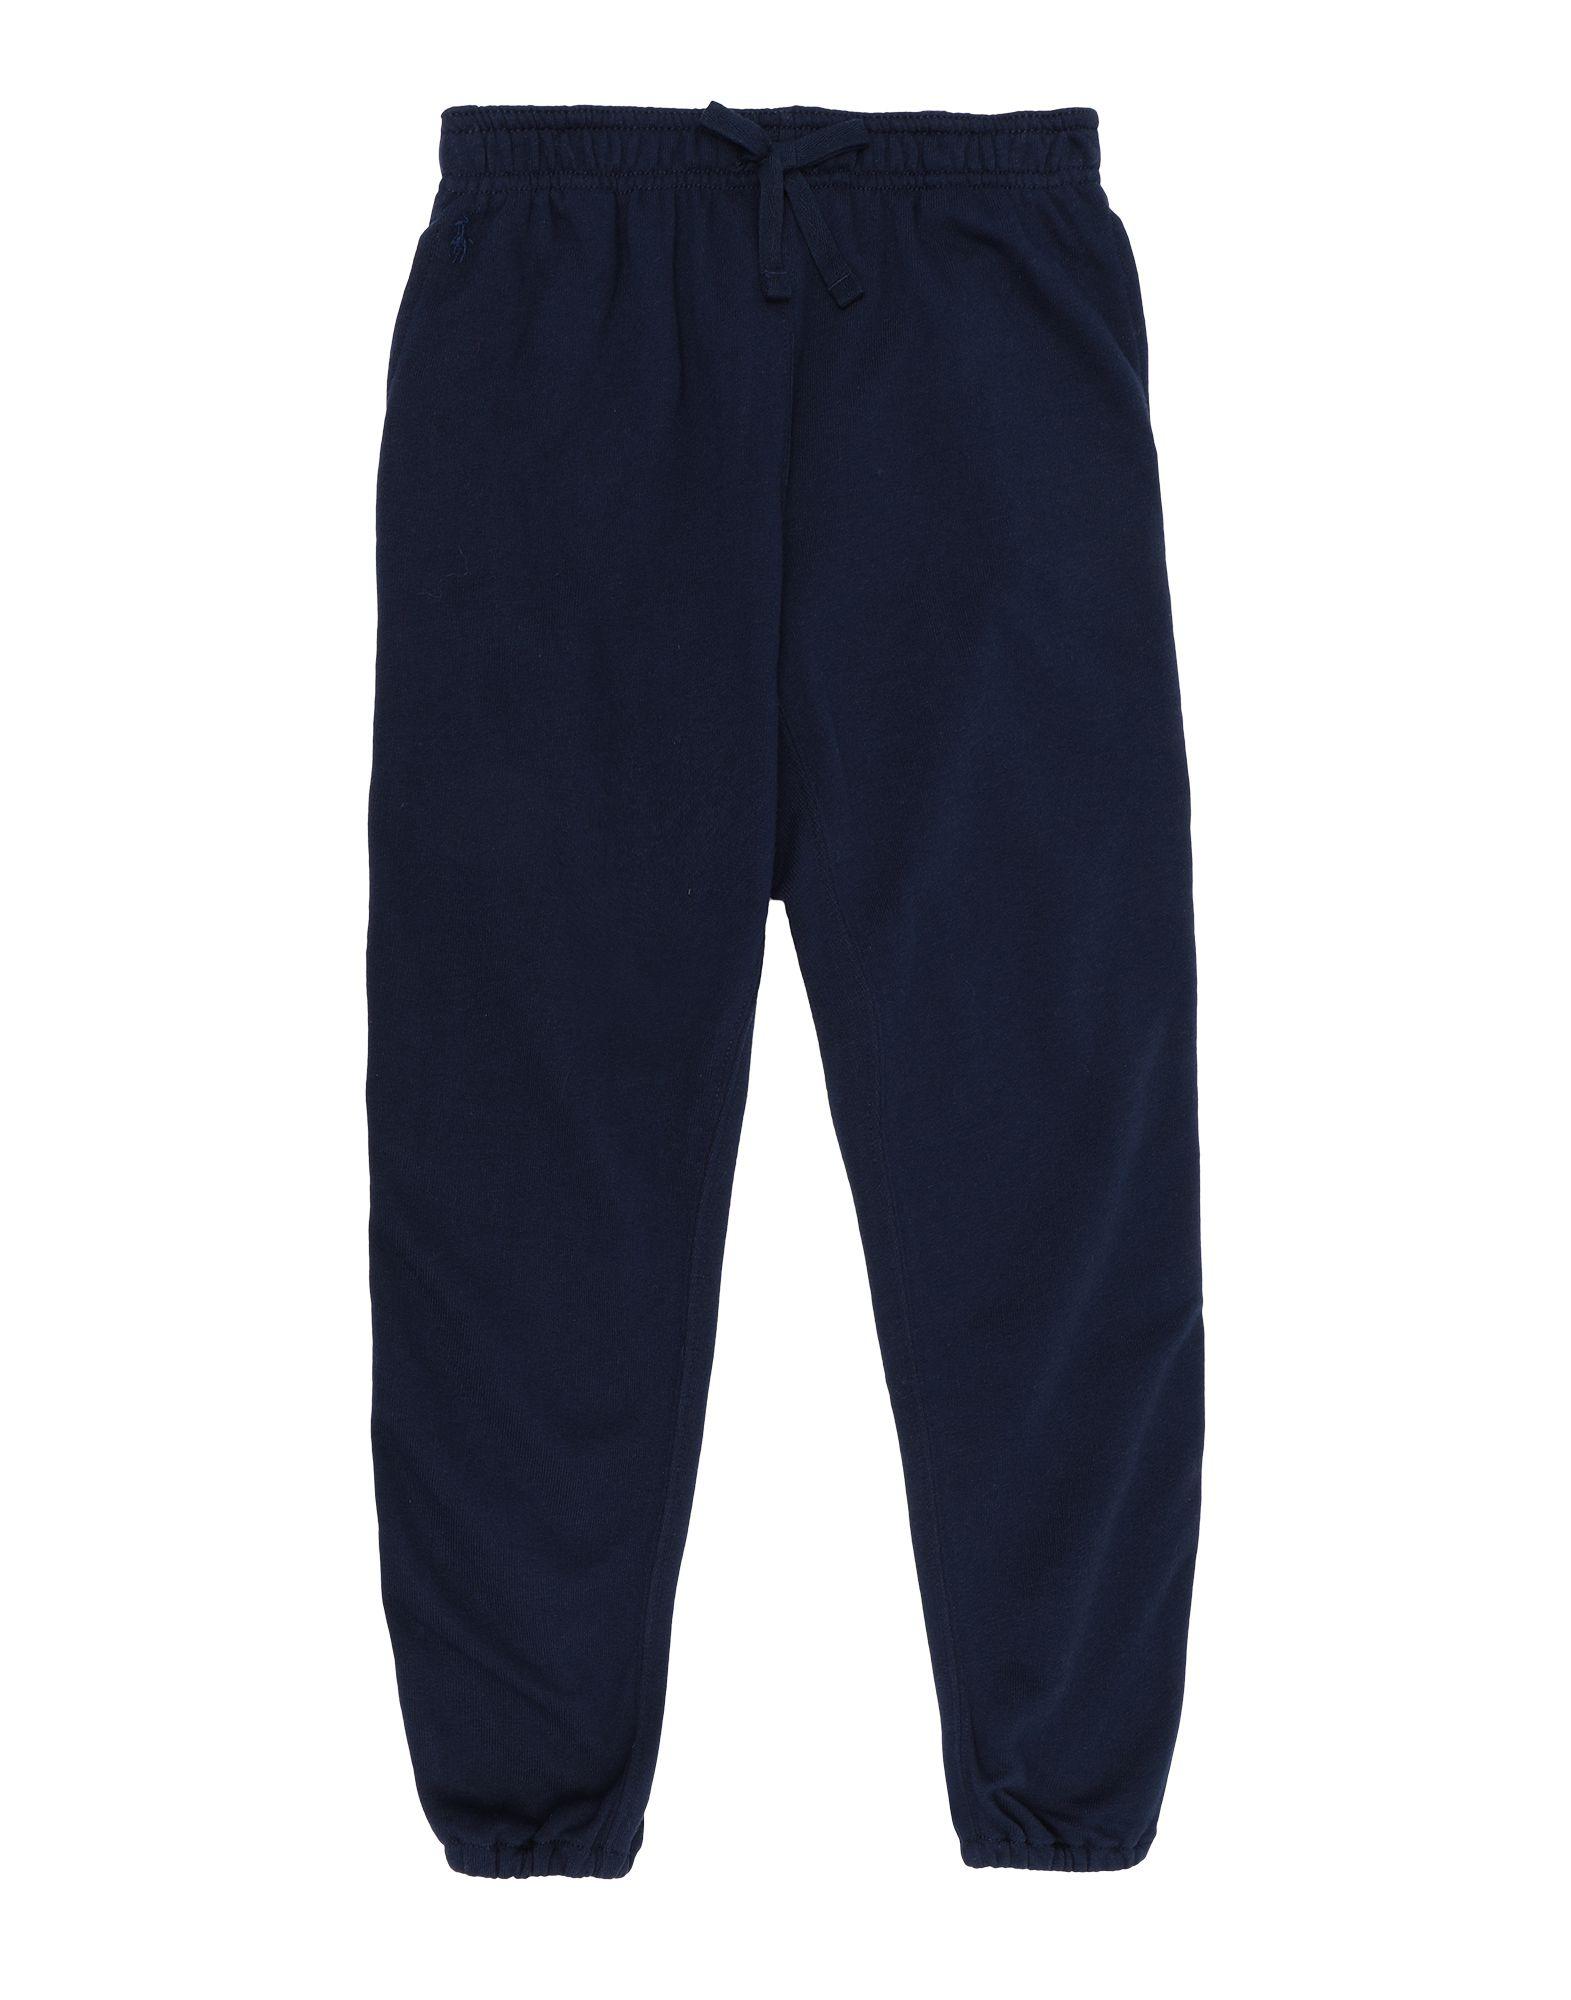 《セール開催中》RALPH LAUREN ガールズ 3-8 歳 パンツ ダークブルー 5 コットン 60% / ポリエステル 40% Side-Stripe French Terry Pant